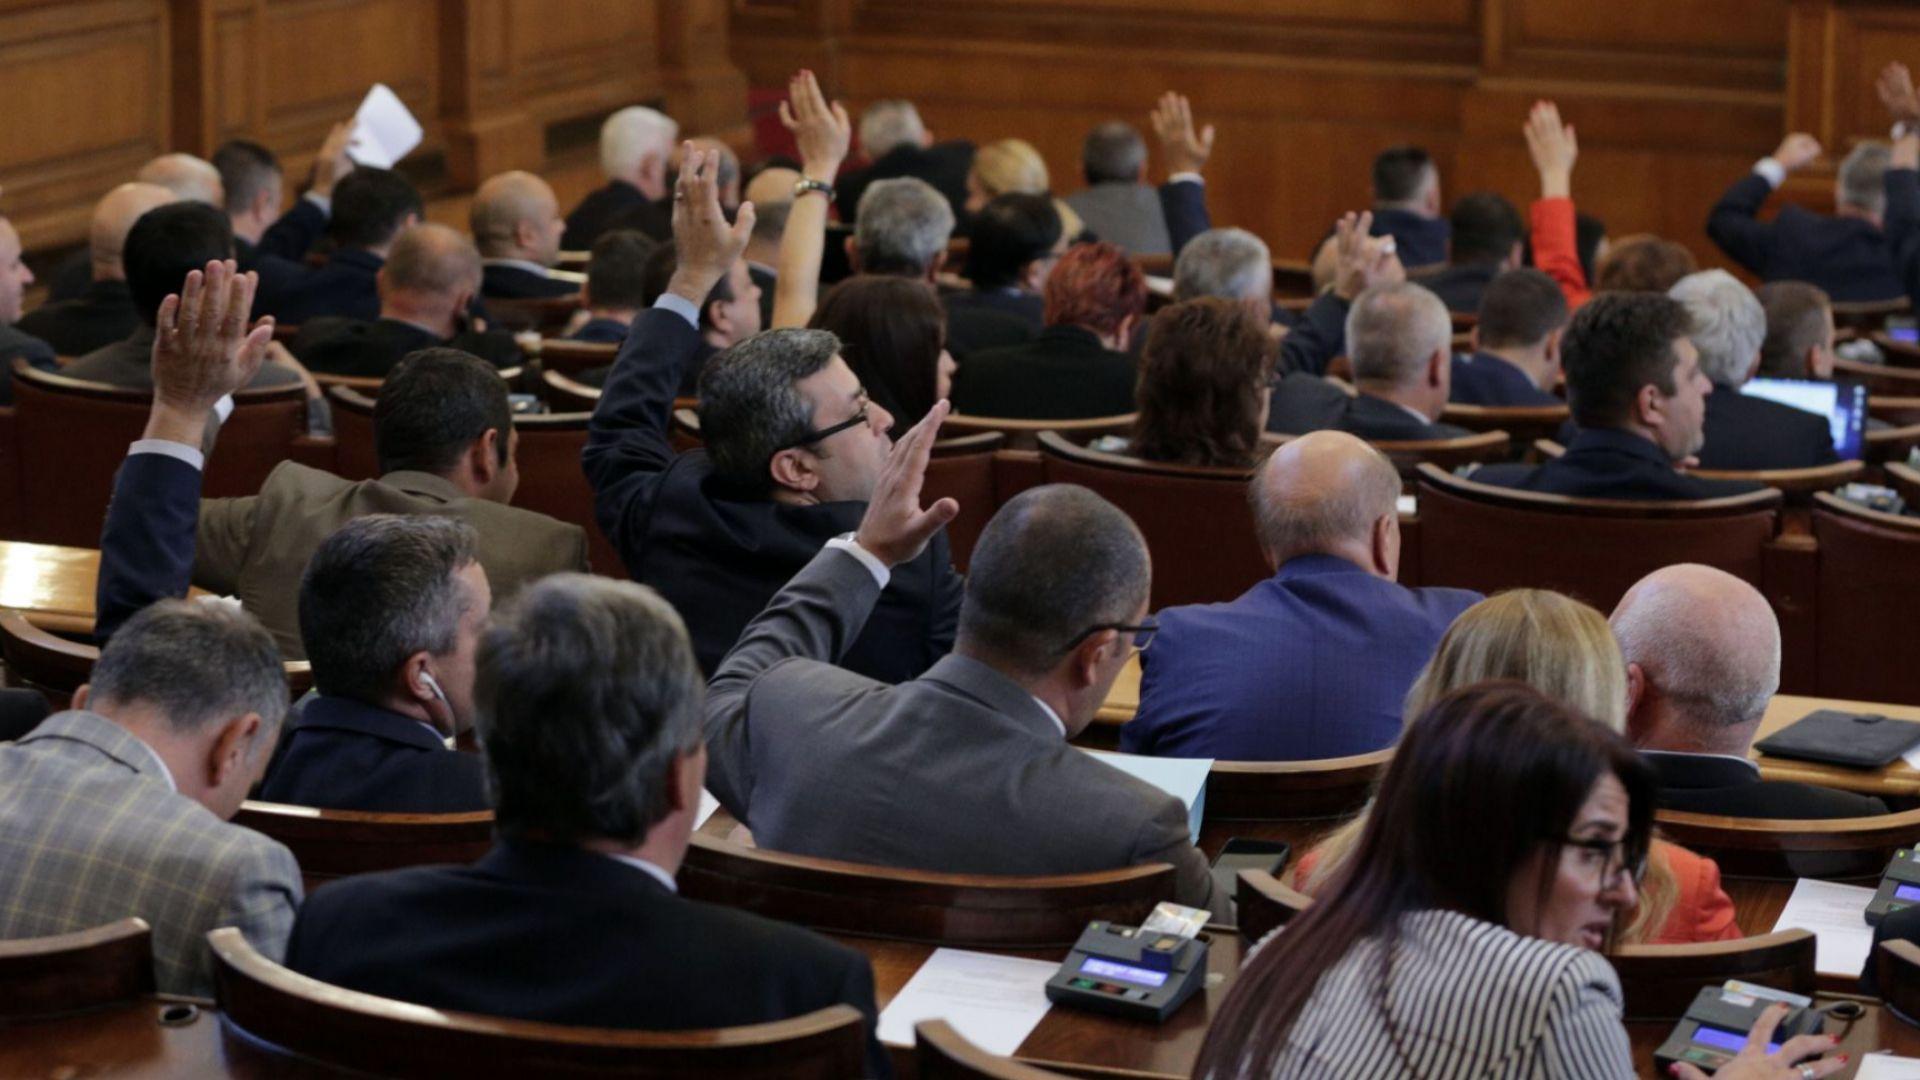 ГЕРБ отхвърлиха предложението на БСП за преизчисление на всички пенсии